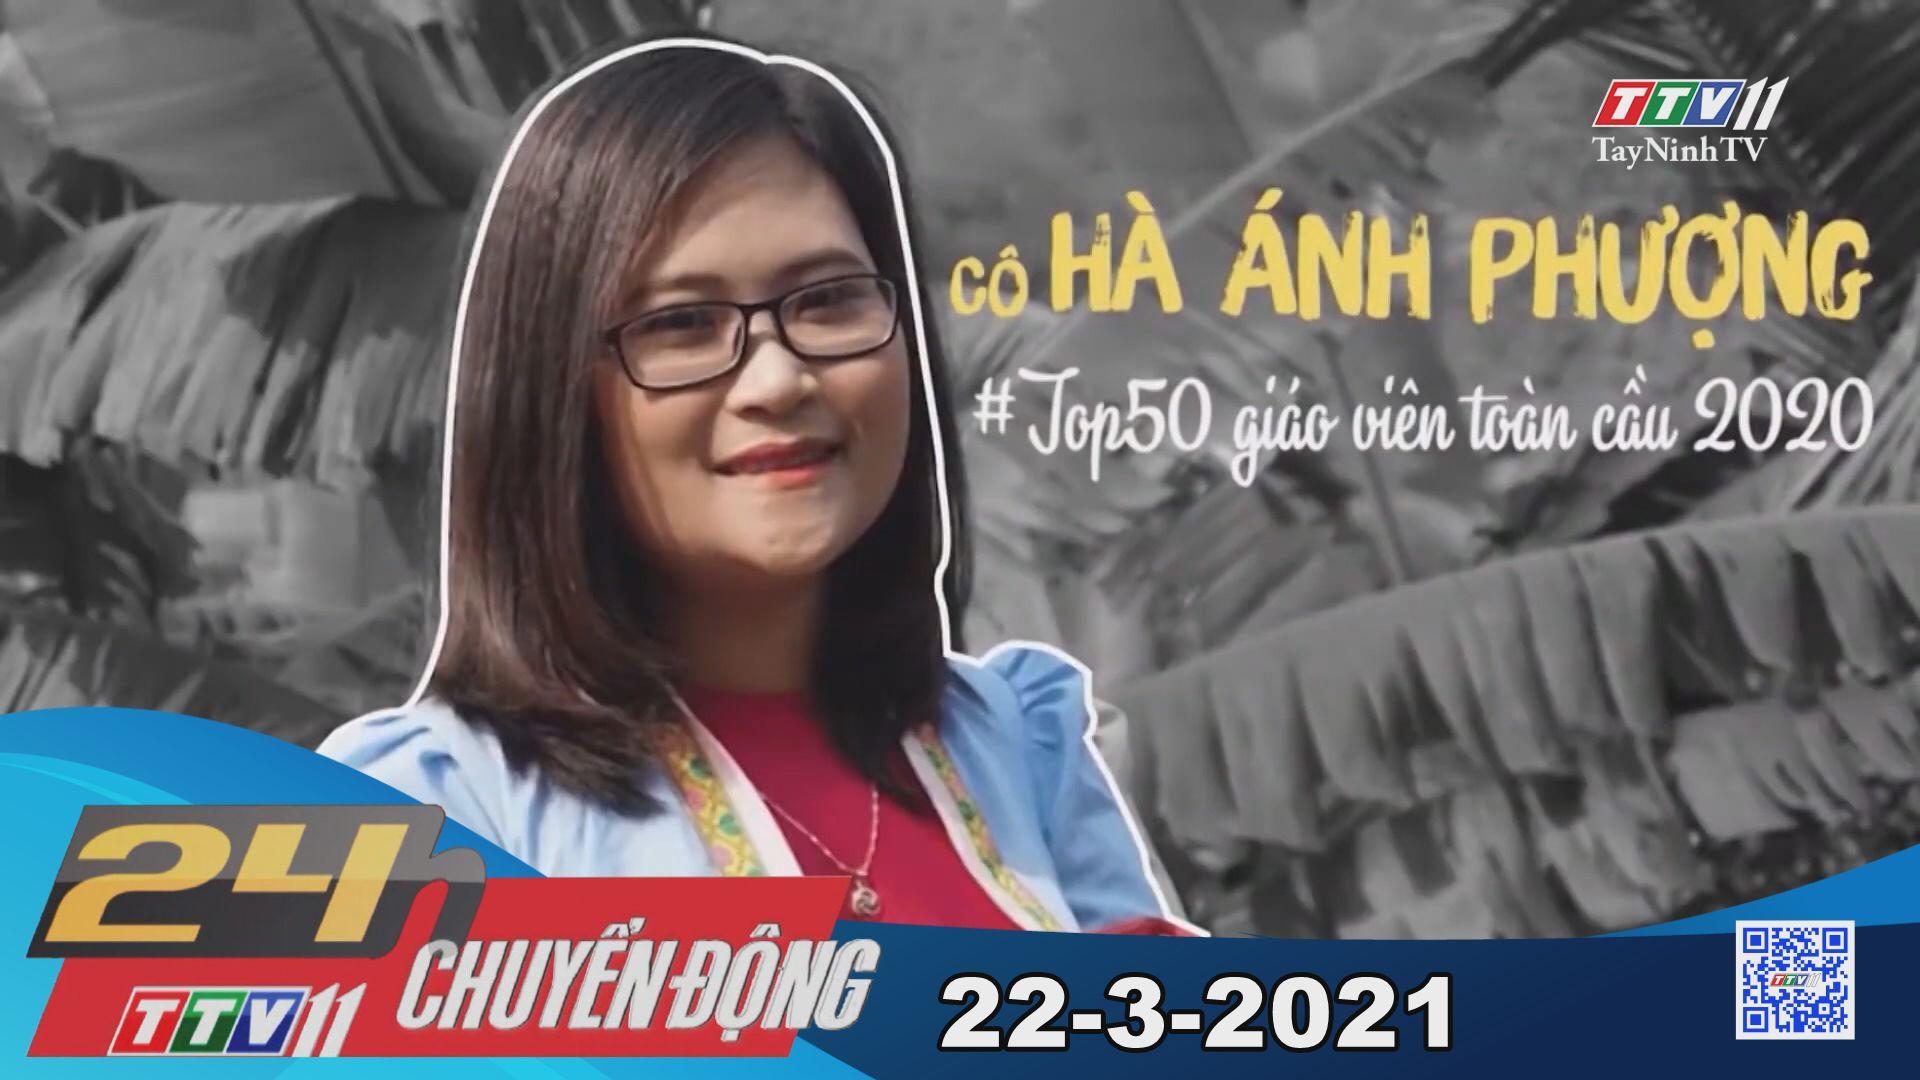 24h Chuyển động 22-3-2021 | Tin tức hôm nay | TayNinhTV